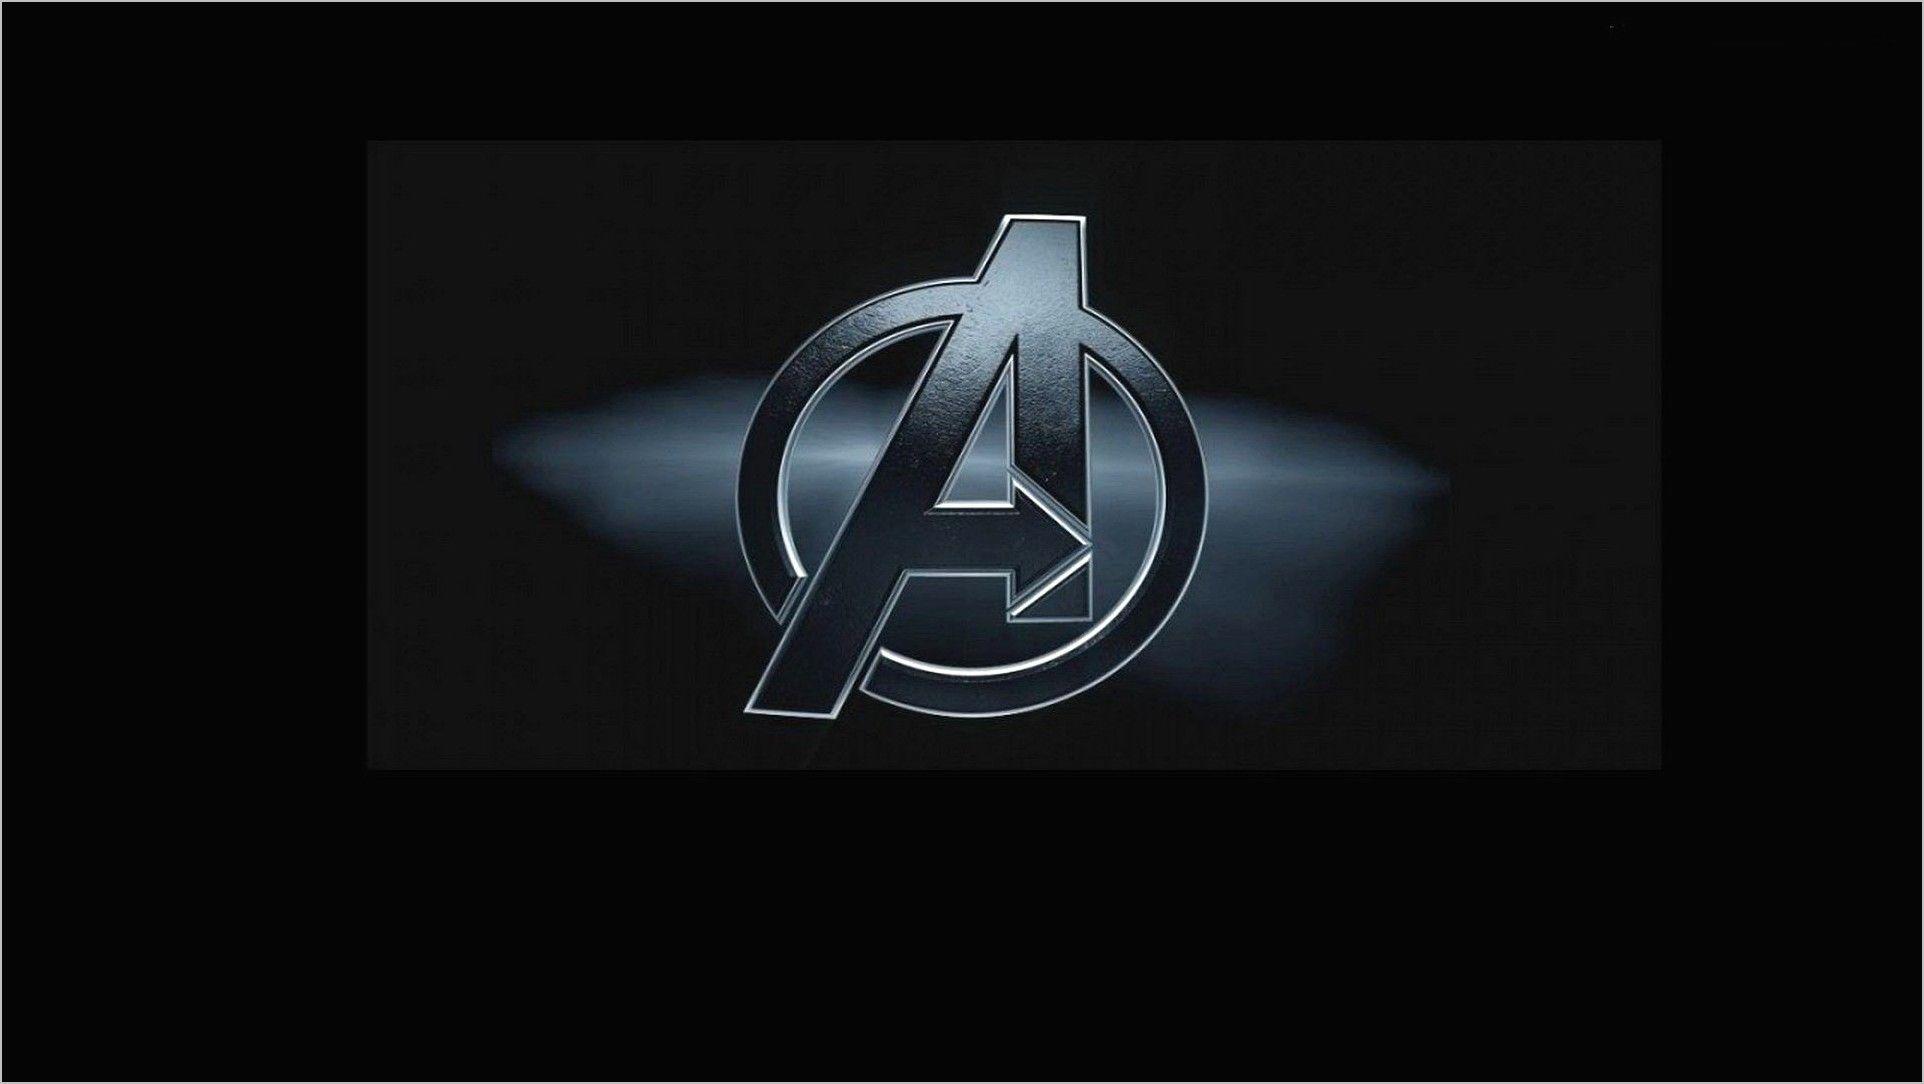 Avengers Logo Wallpaper 4k For Windows 10 Avengers Logo Logos Wallpaper